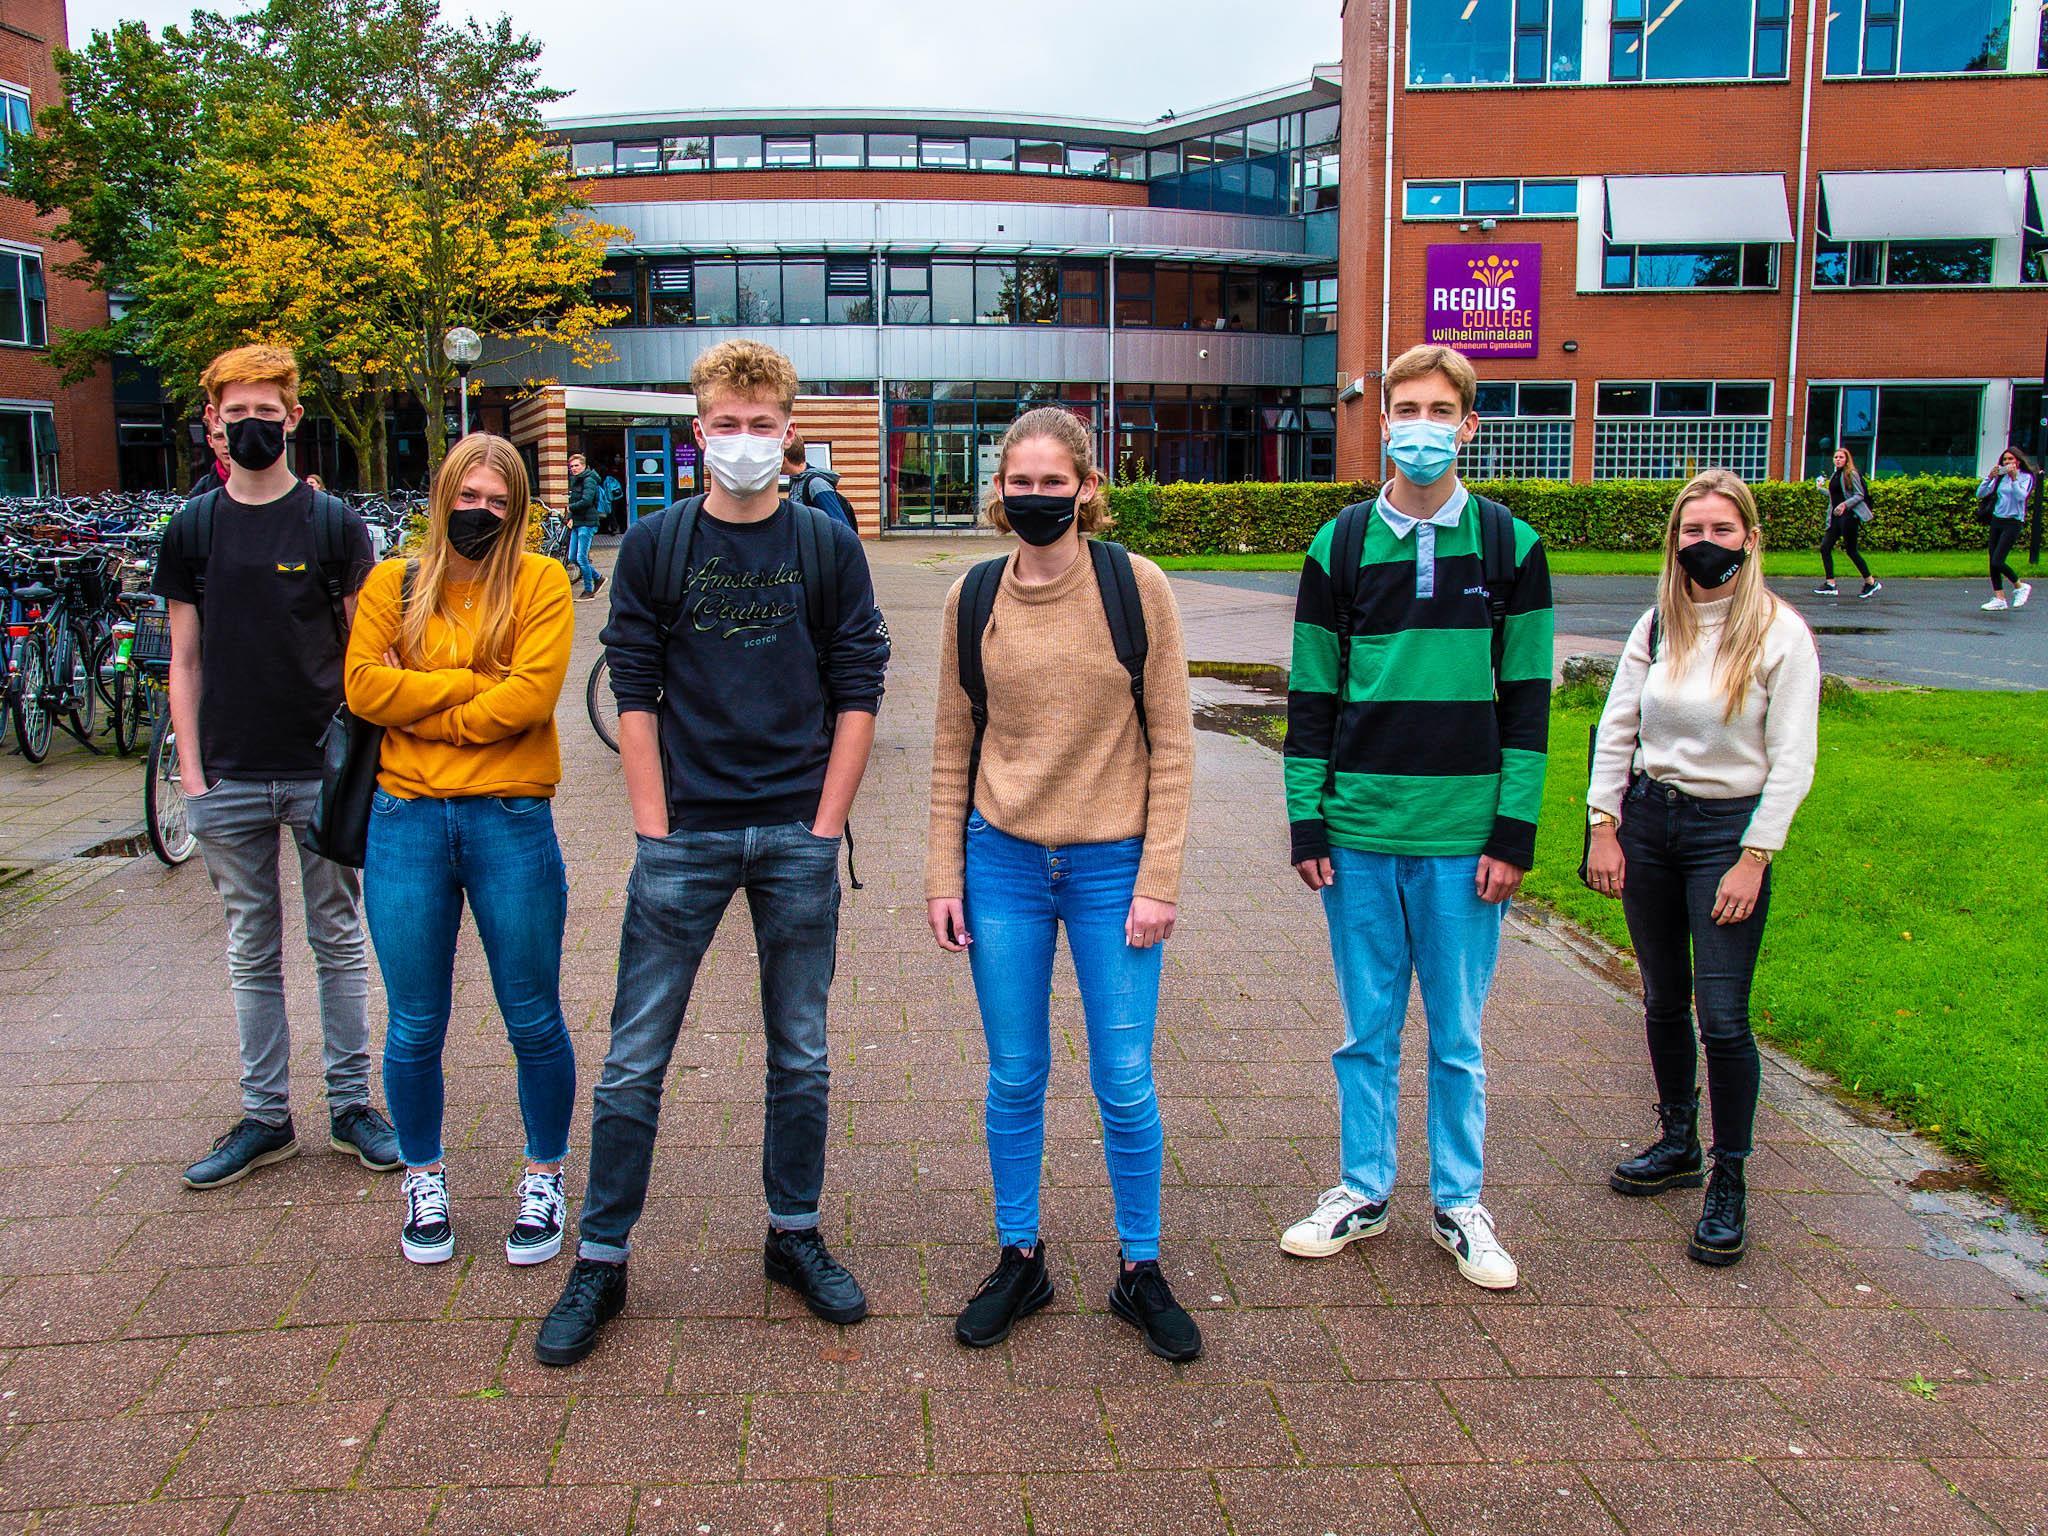 Leerlingen Regius College Schagen volgen advies voor dragen van mondkapje, maar het leidt ook tot irritaties. 'Het is fijner als je vrij kan ademhalen'